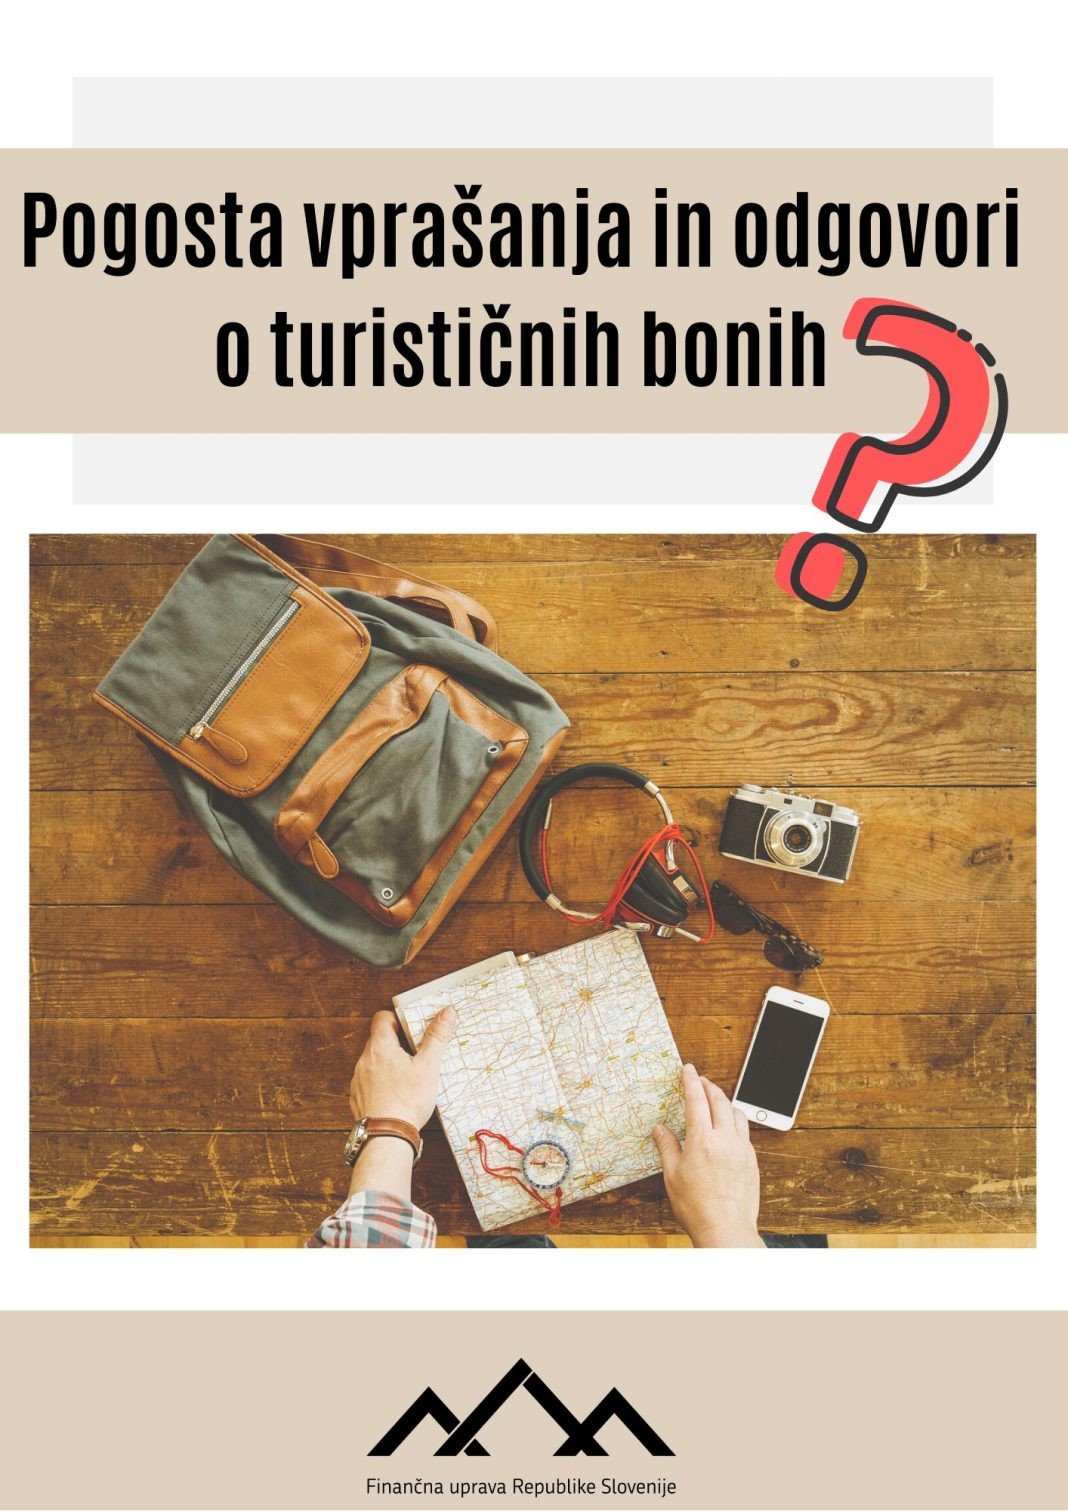 Boni, vprašanja, odgovori